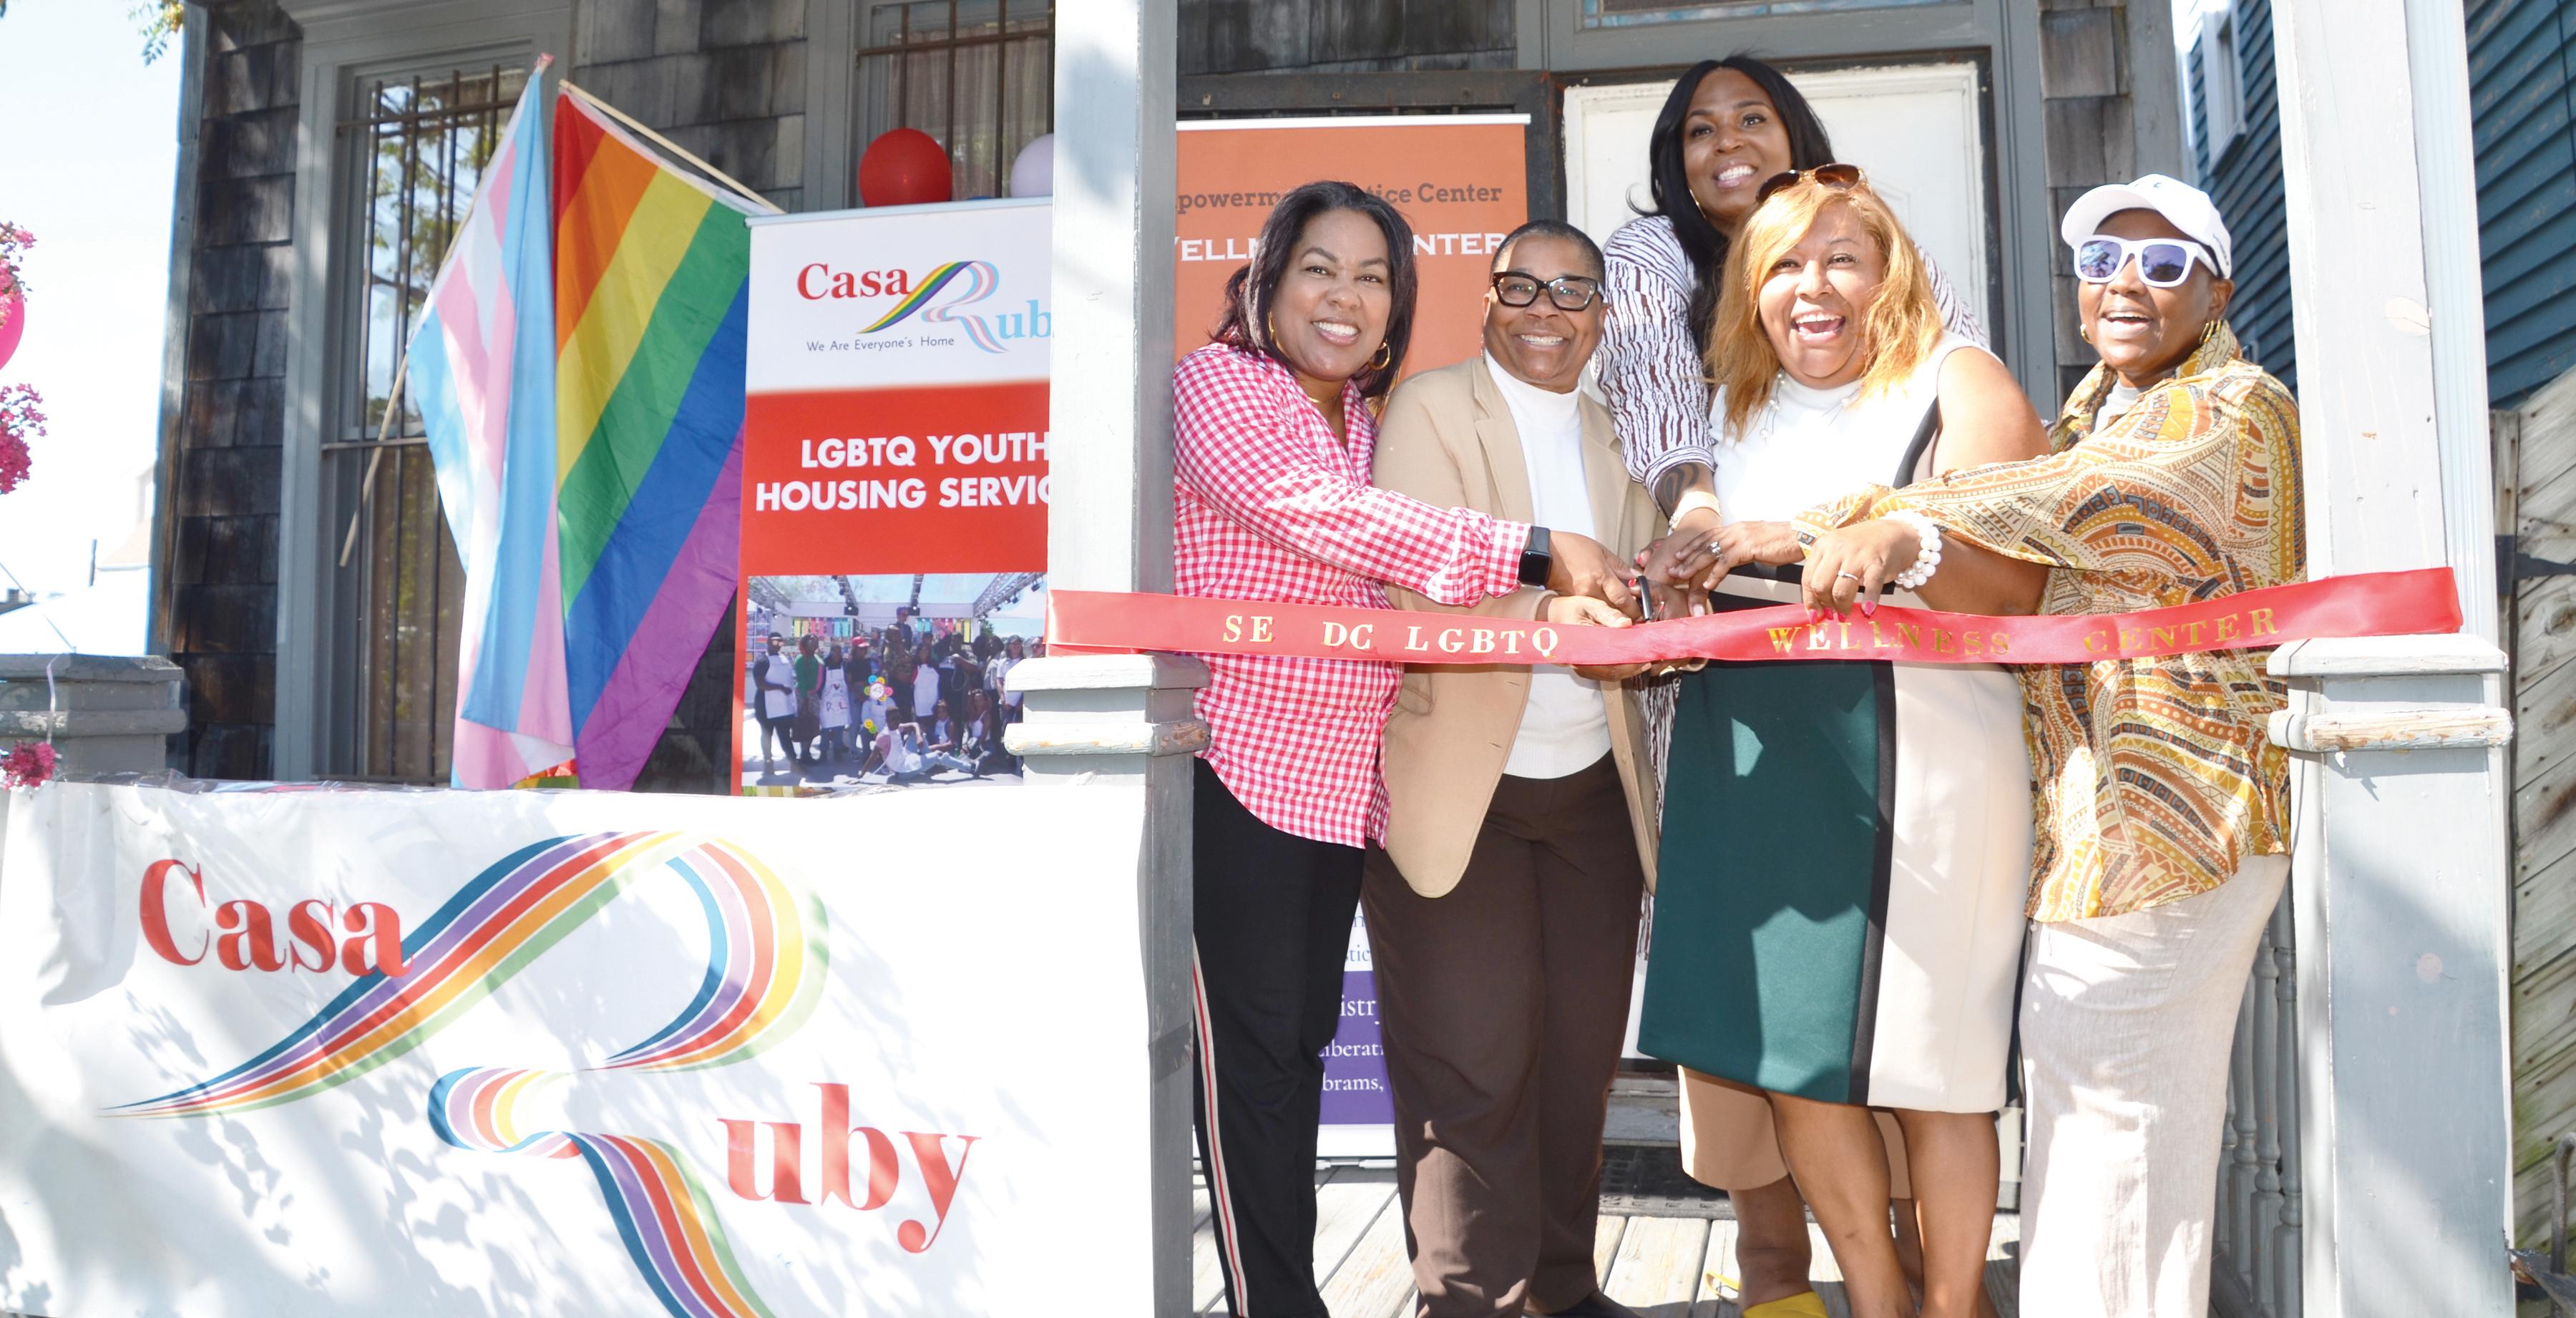 Casa Ruby abre nuevo centro